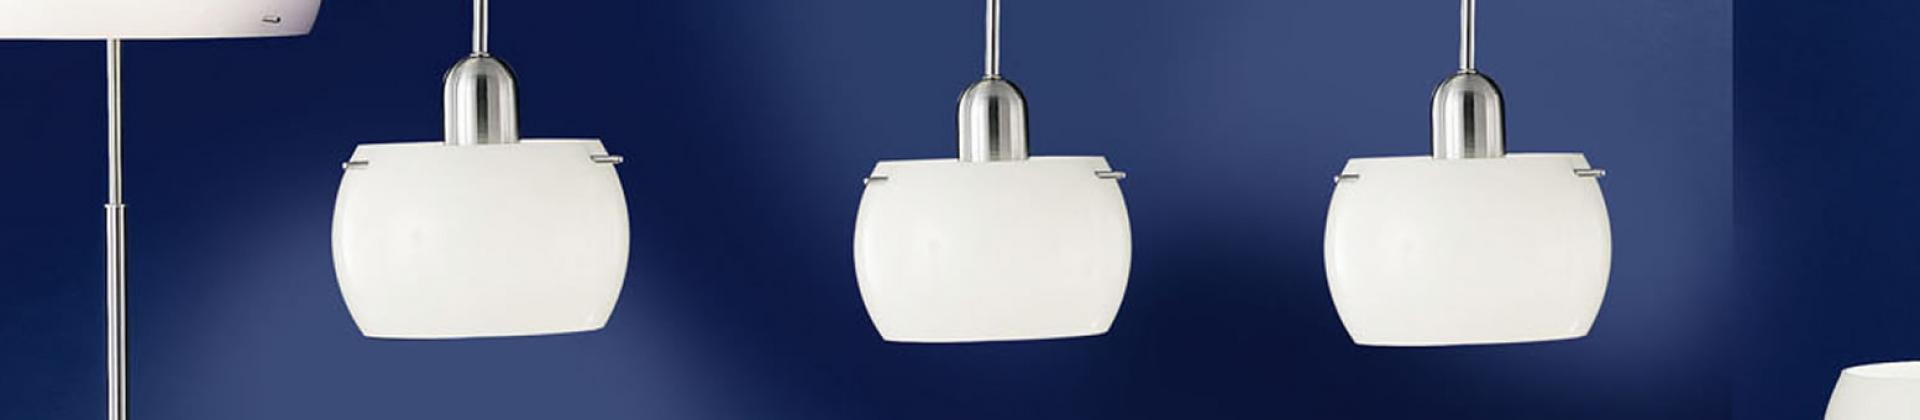 Eglo Plafones - Lámparas de diseño